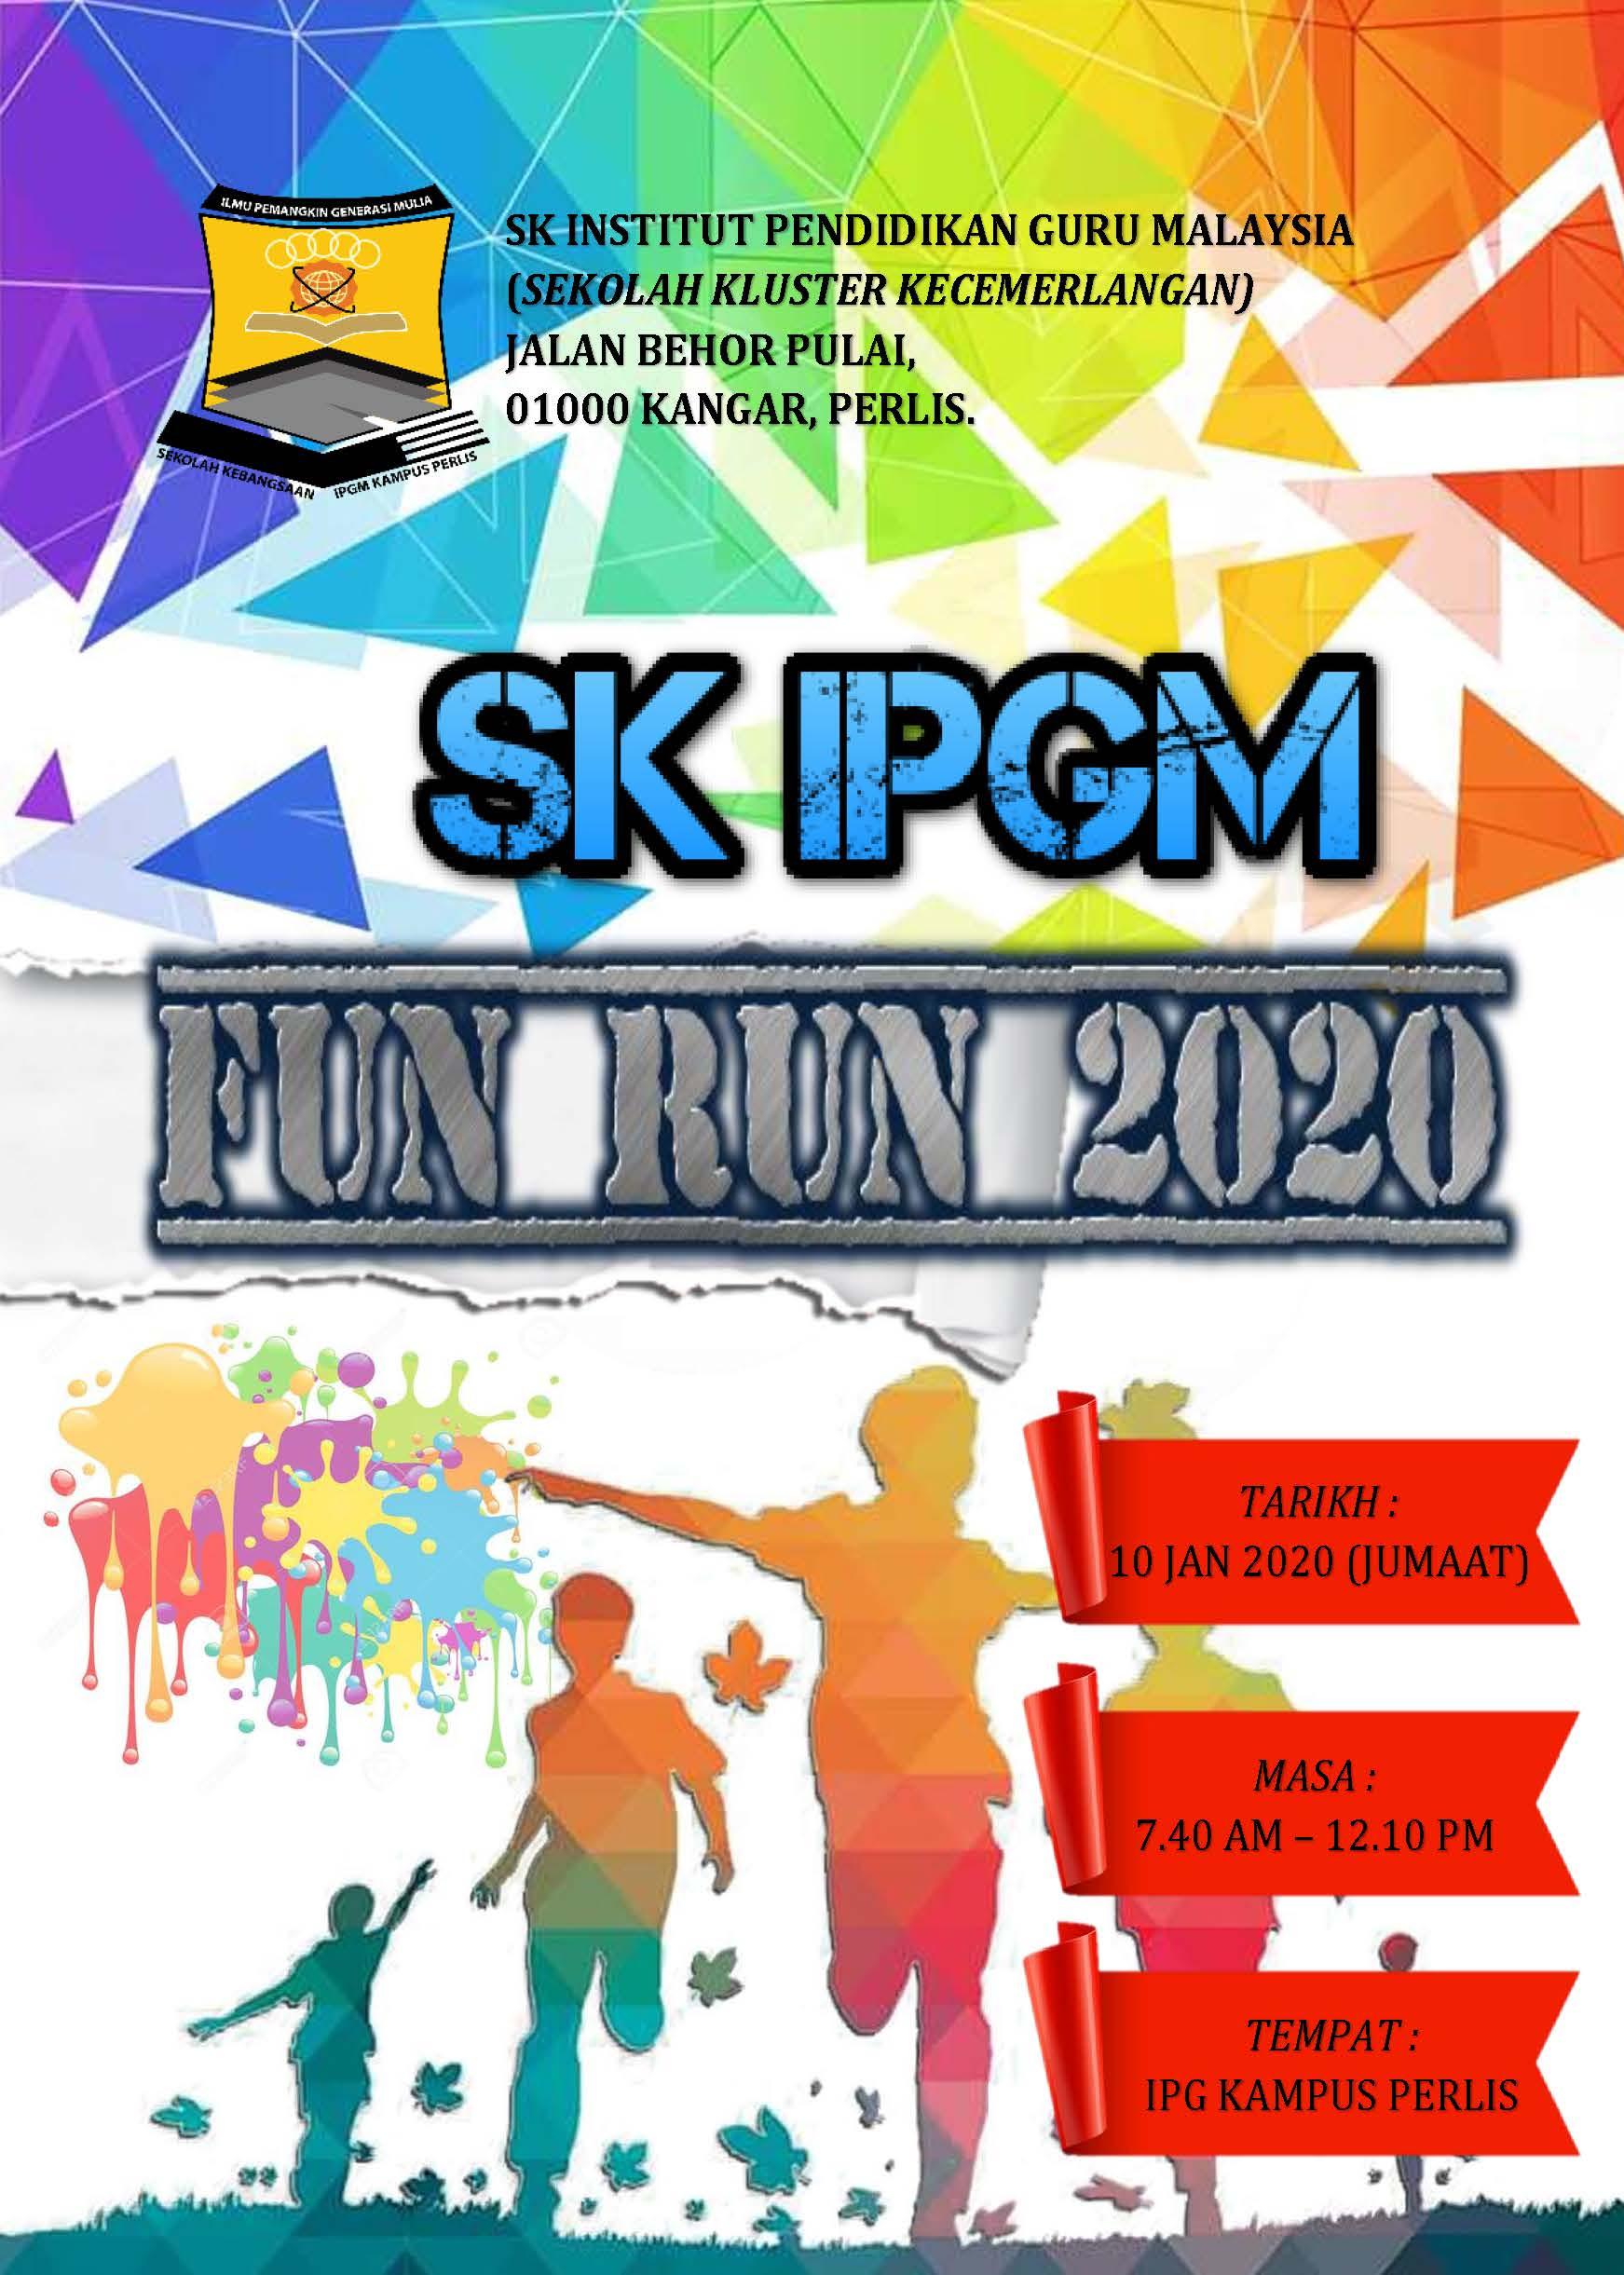 10.1.2020 Fun Run SK IPGM